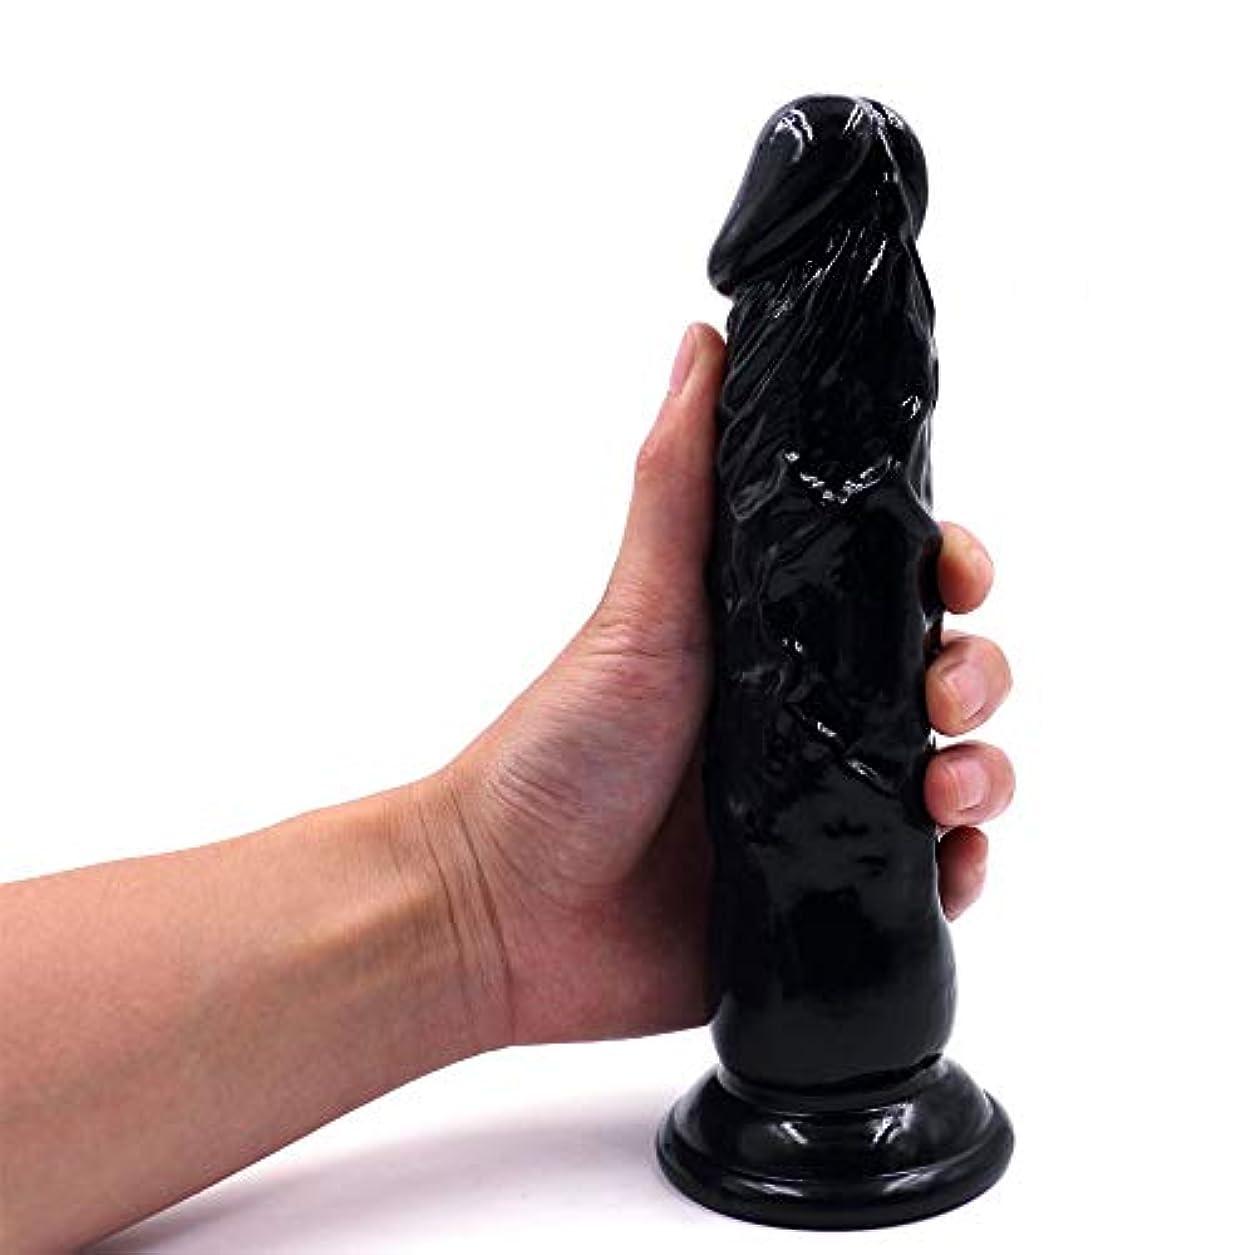 立証する報酬のセラーXpHealth 7.87インチのウェアラブルな伸縮性があるパンティー調節可能なベルトのマッサージの杖のギフトの演劇 (Color : Black)